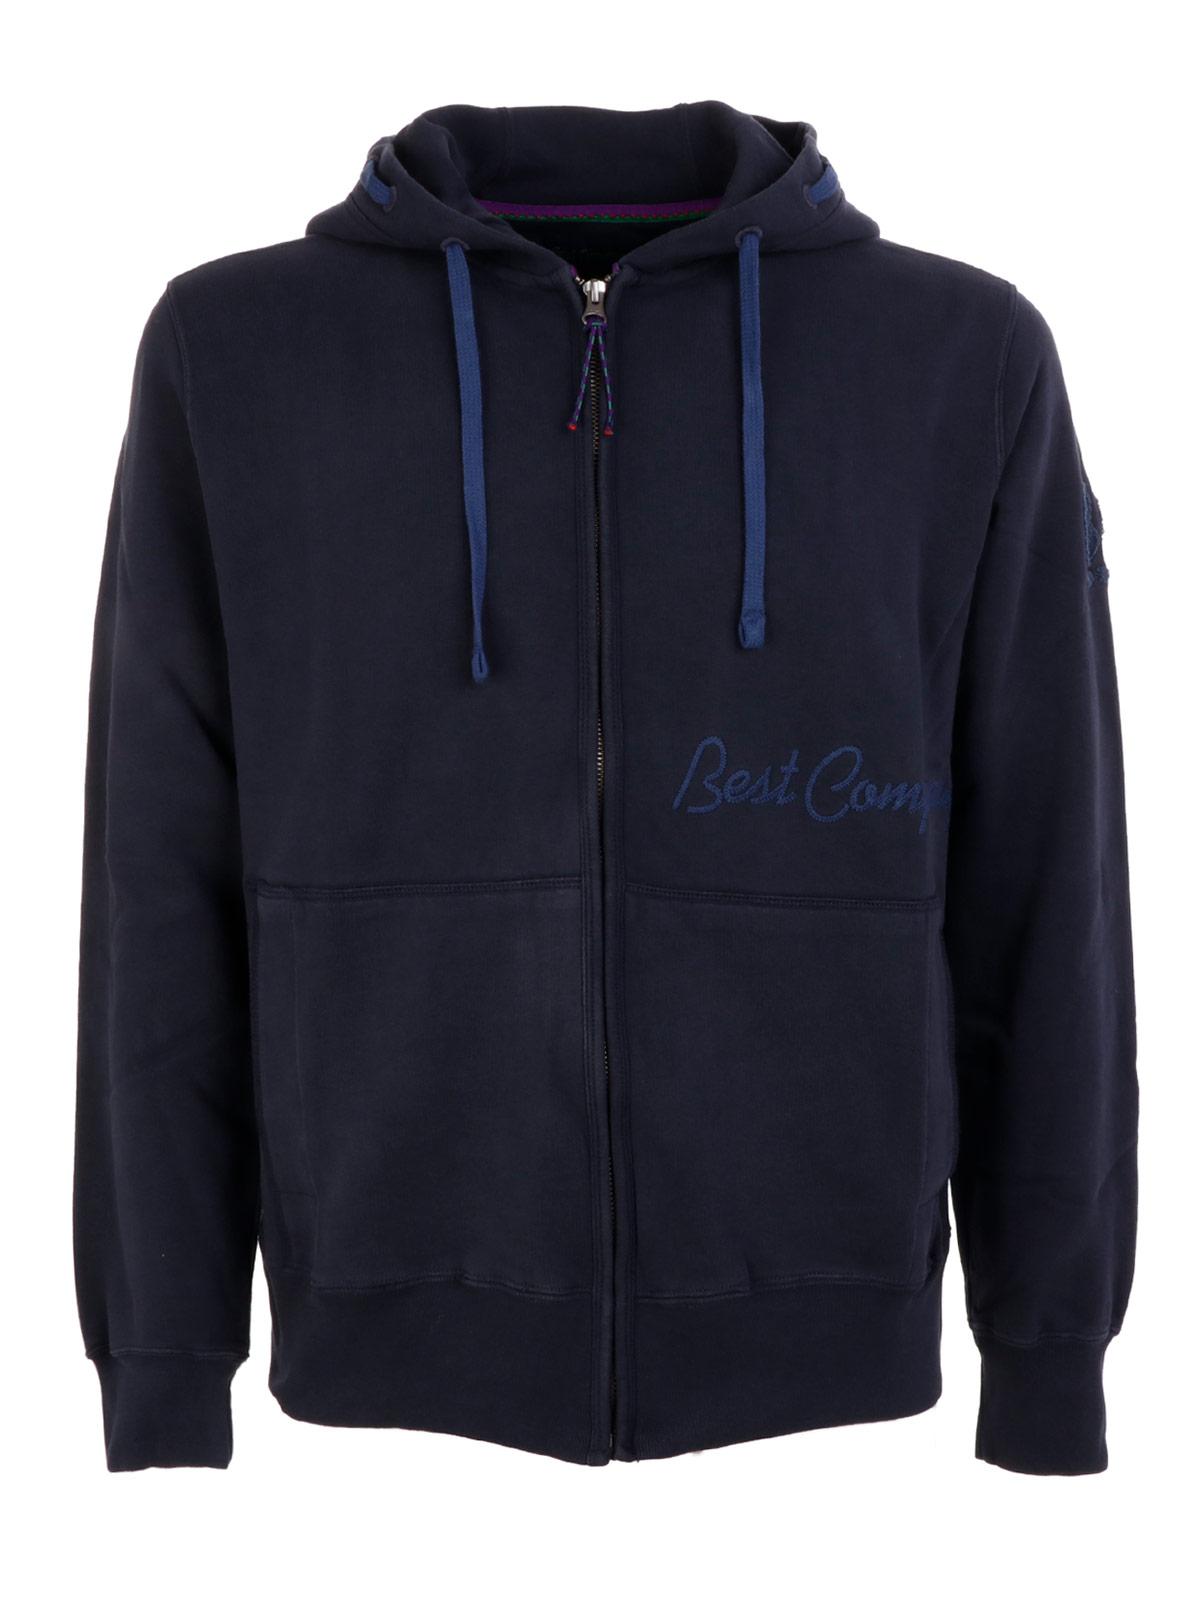 Picture of BEST COMPANY | Men's Full Zip Hoodie Sweatshirt